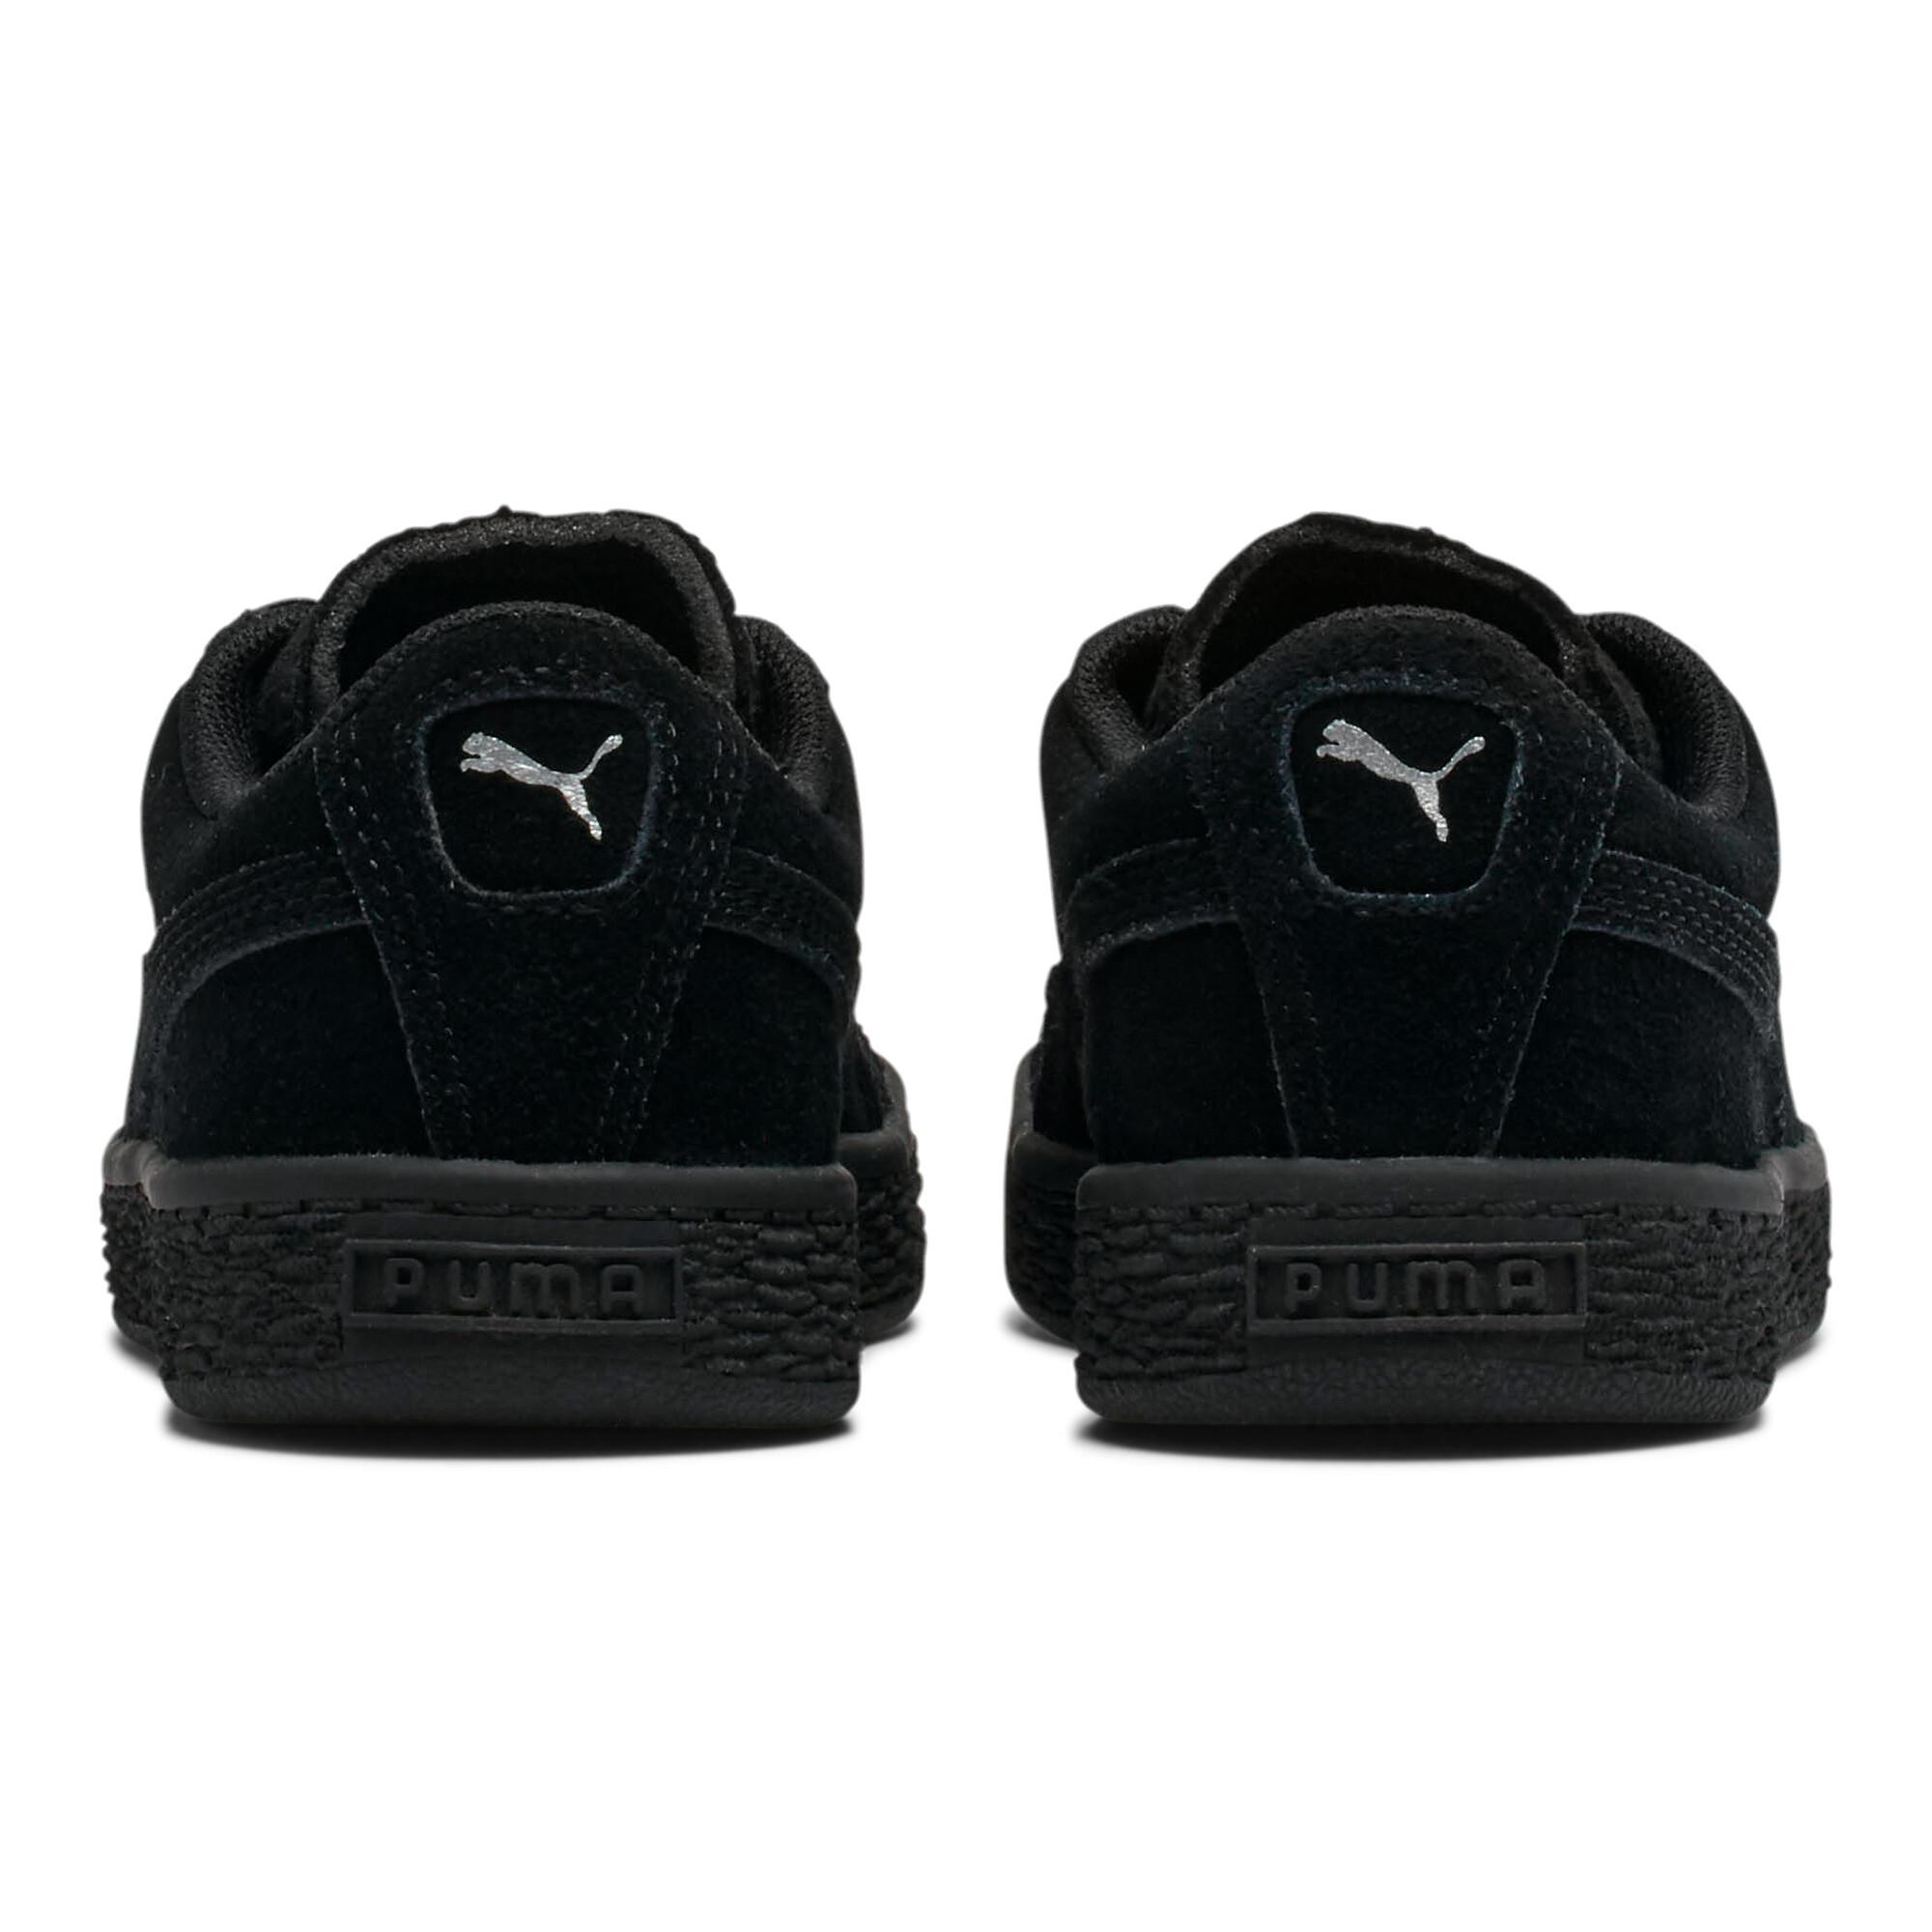 PUMA-Suede-Little-Kids-039-Shoes-Kids-Shoe-Kids thumbnail 19